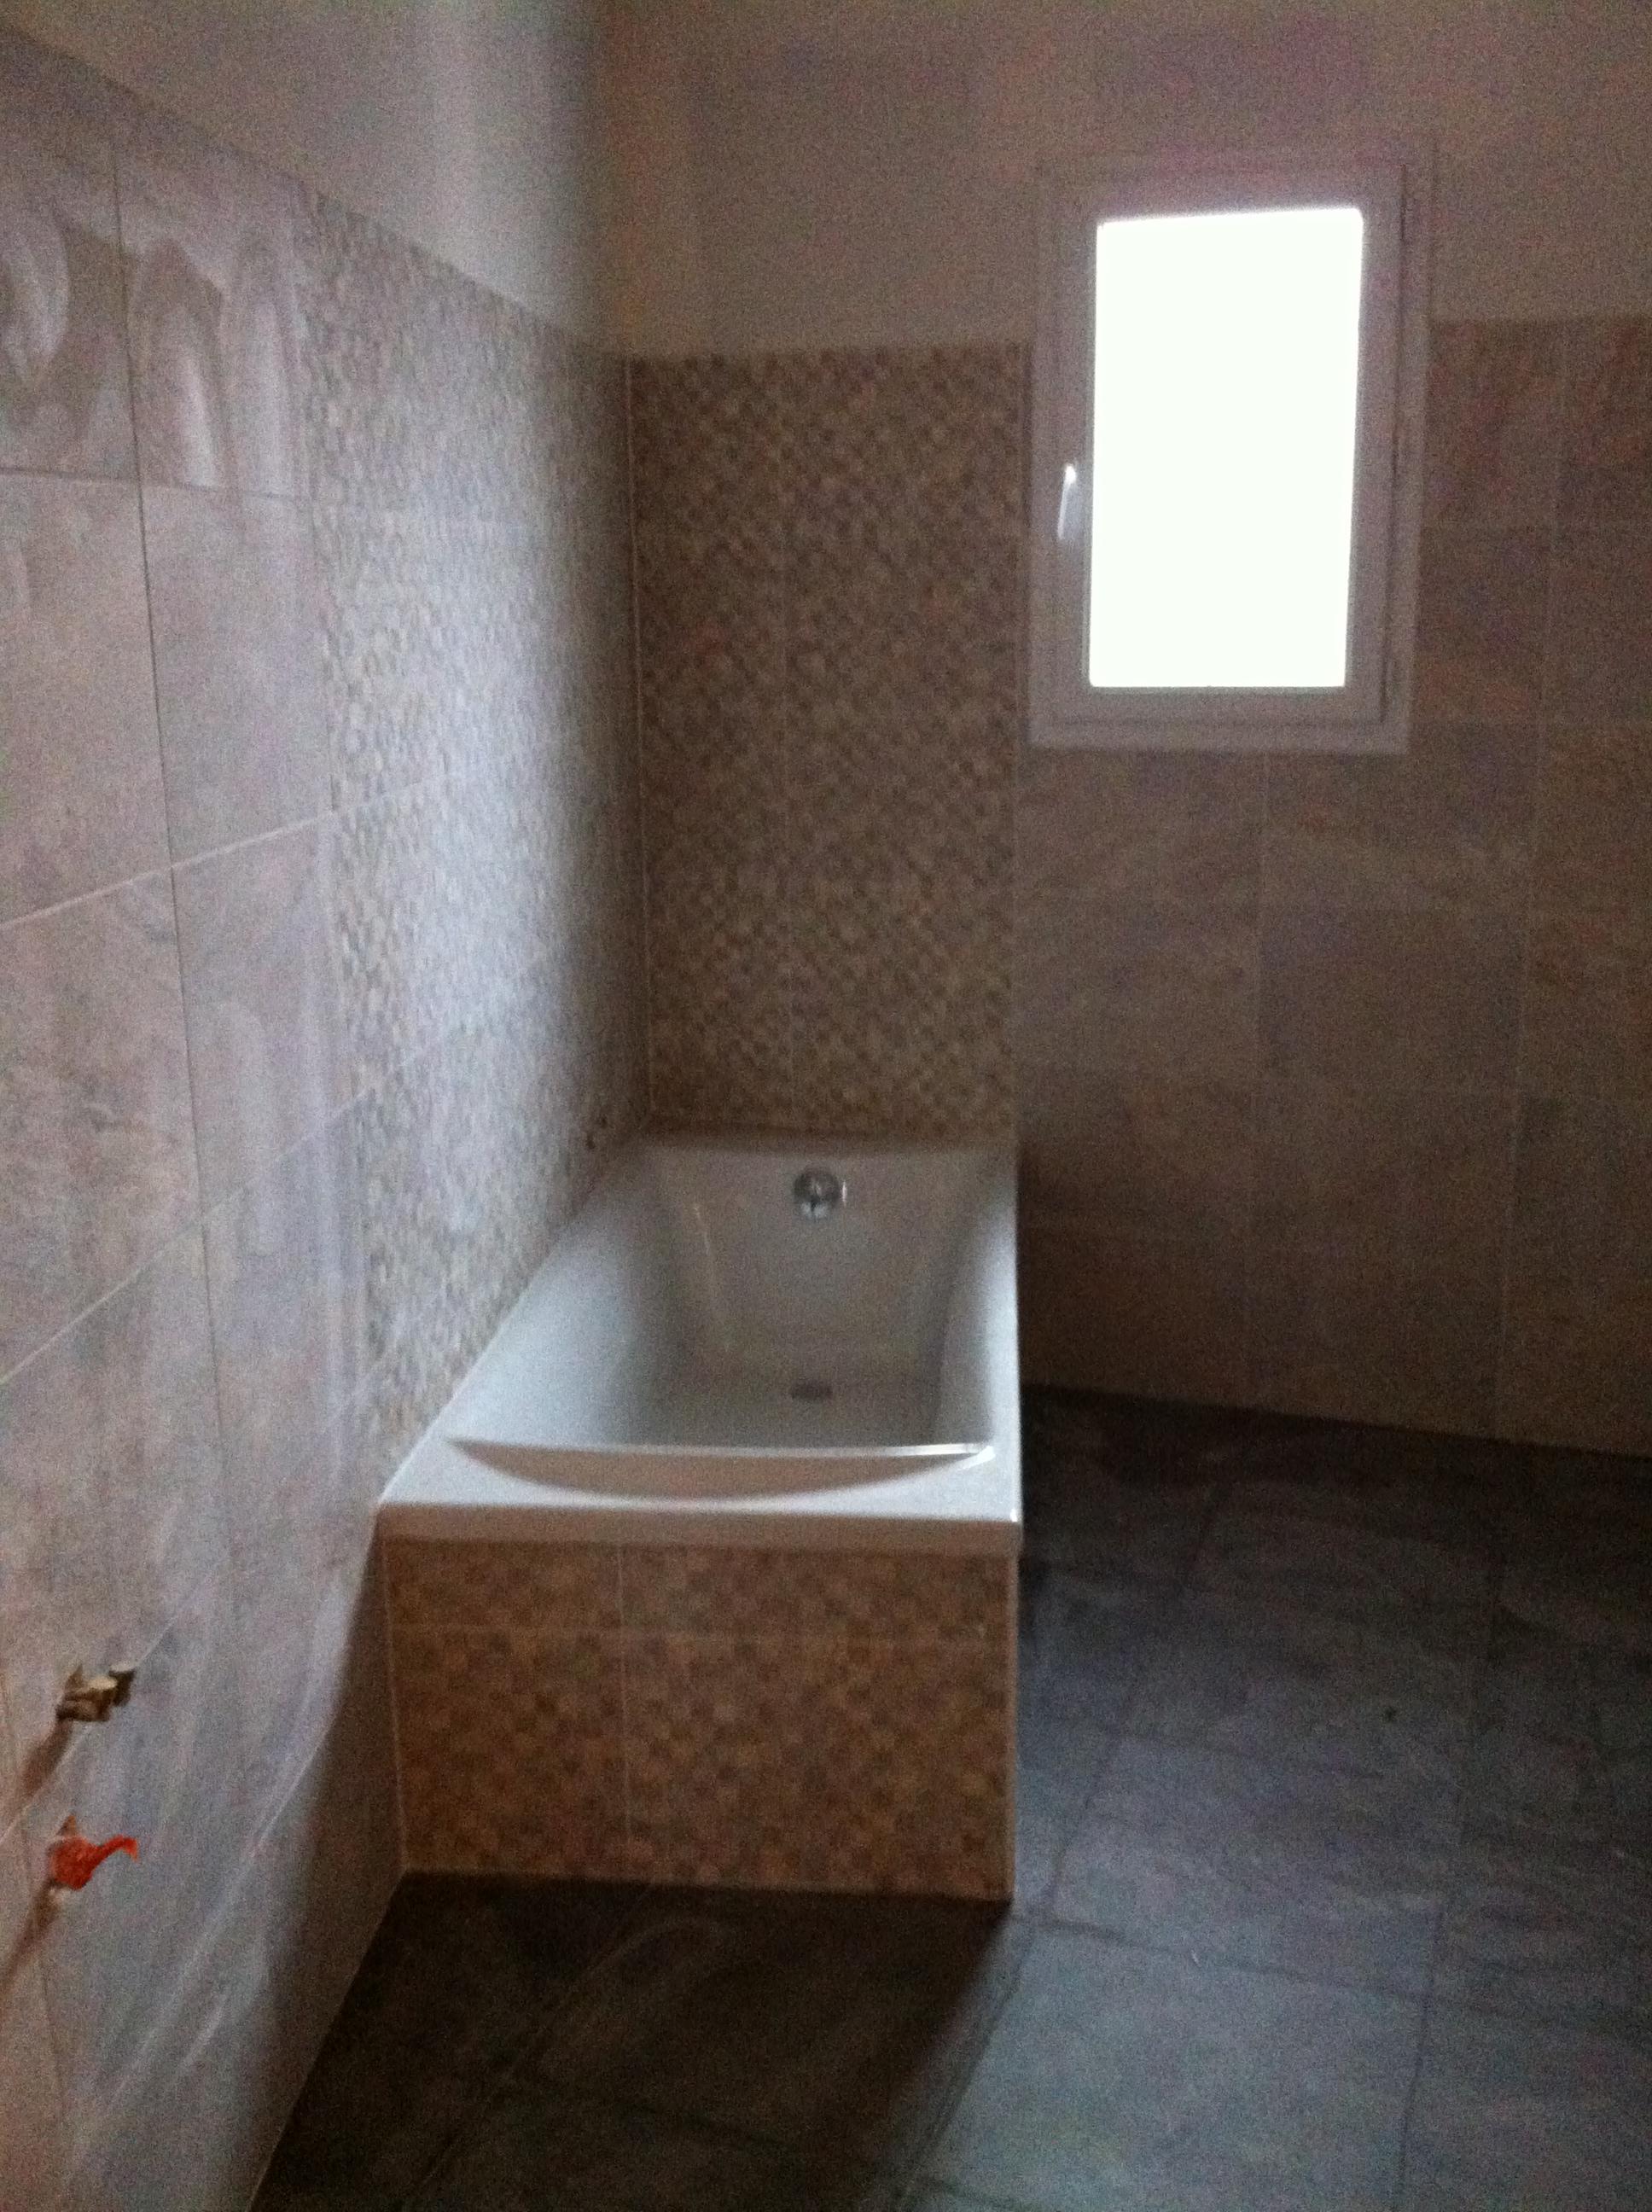 pose de la faience de salle de bain la maison des loulous. Black Bedroom Furniture Sets. Home Design Ideas